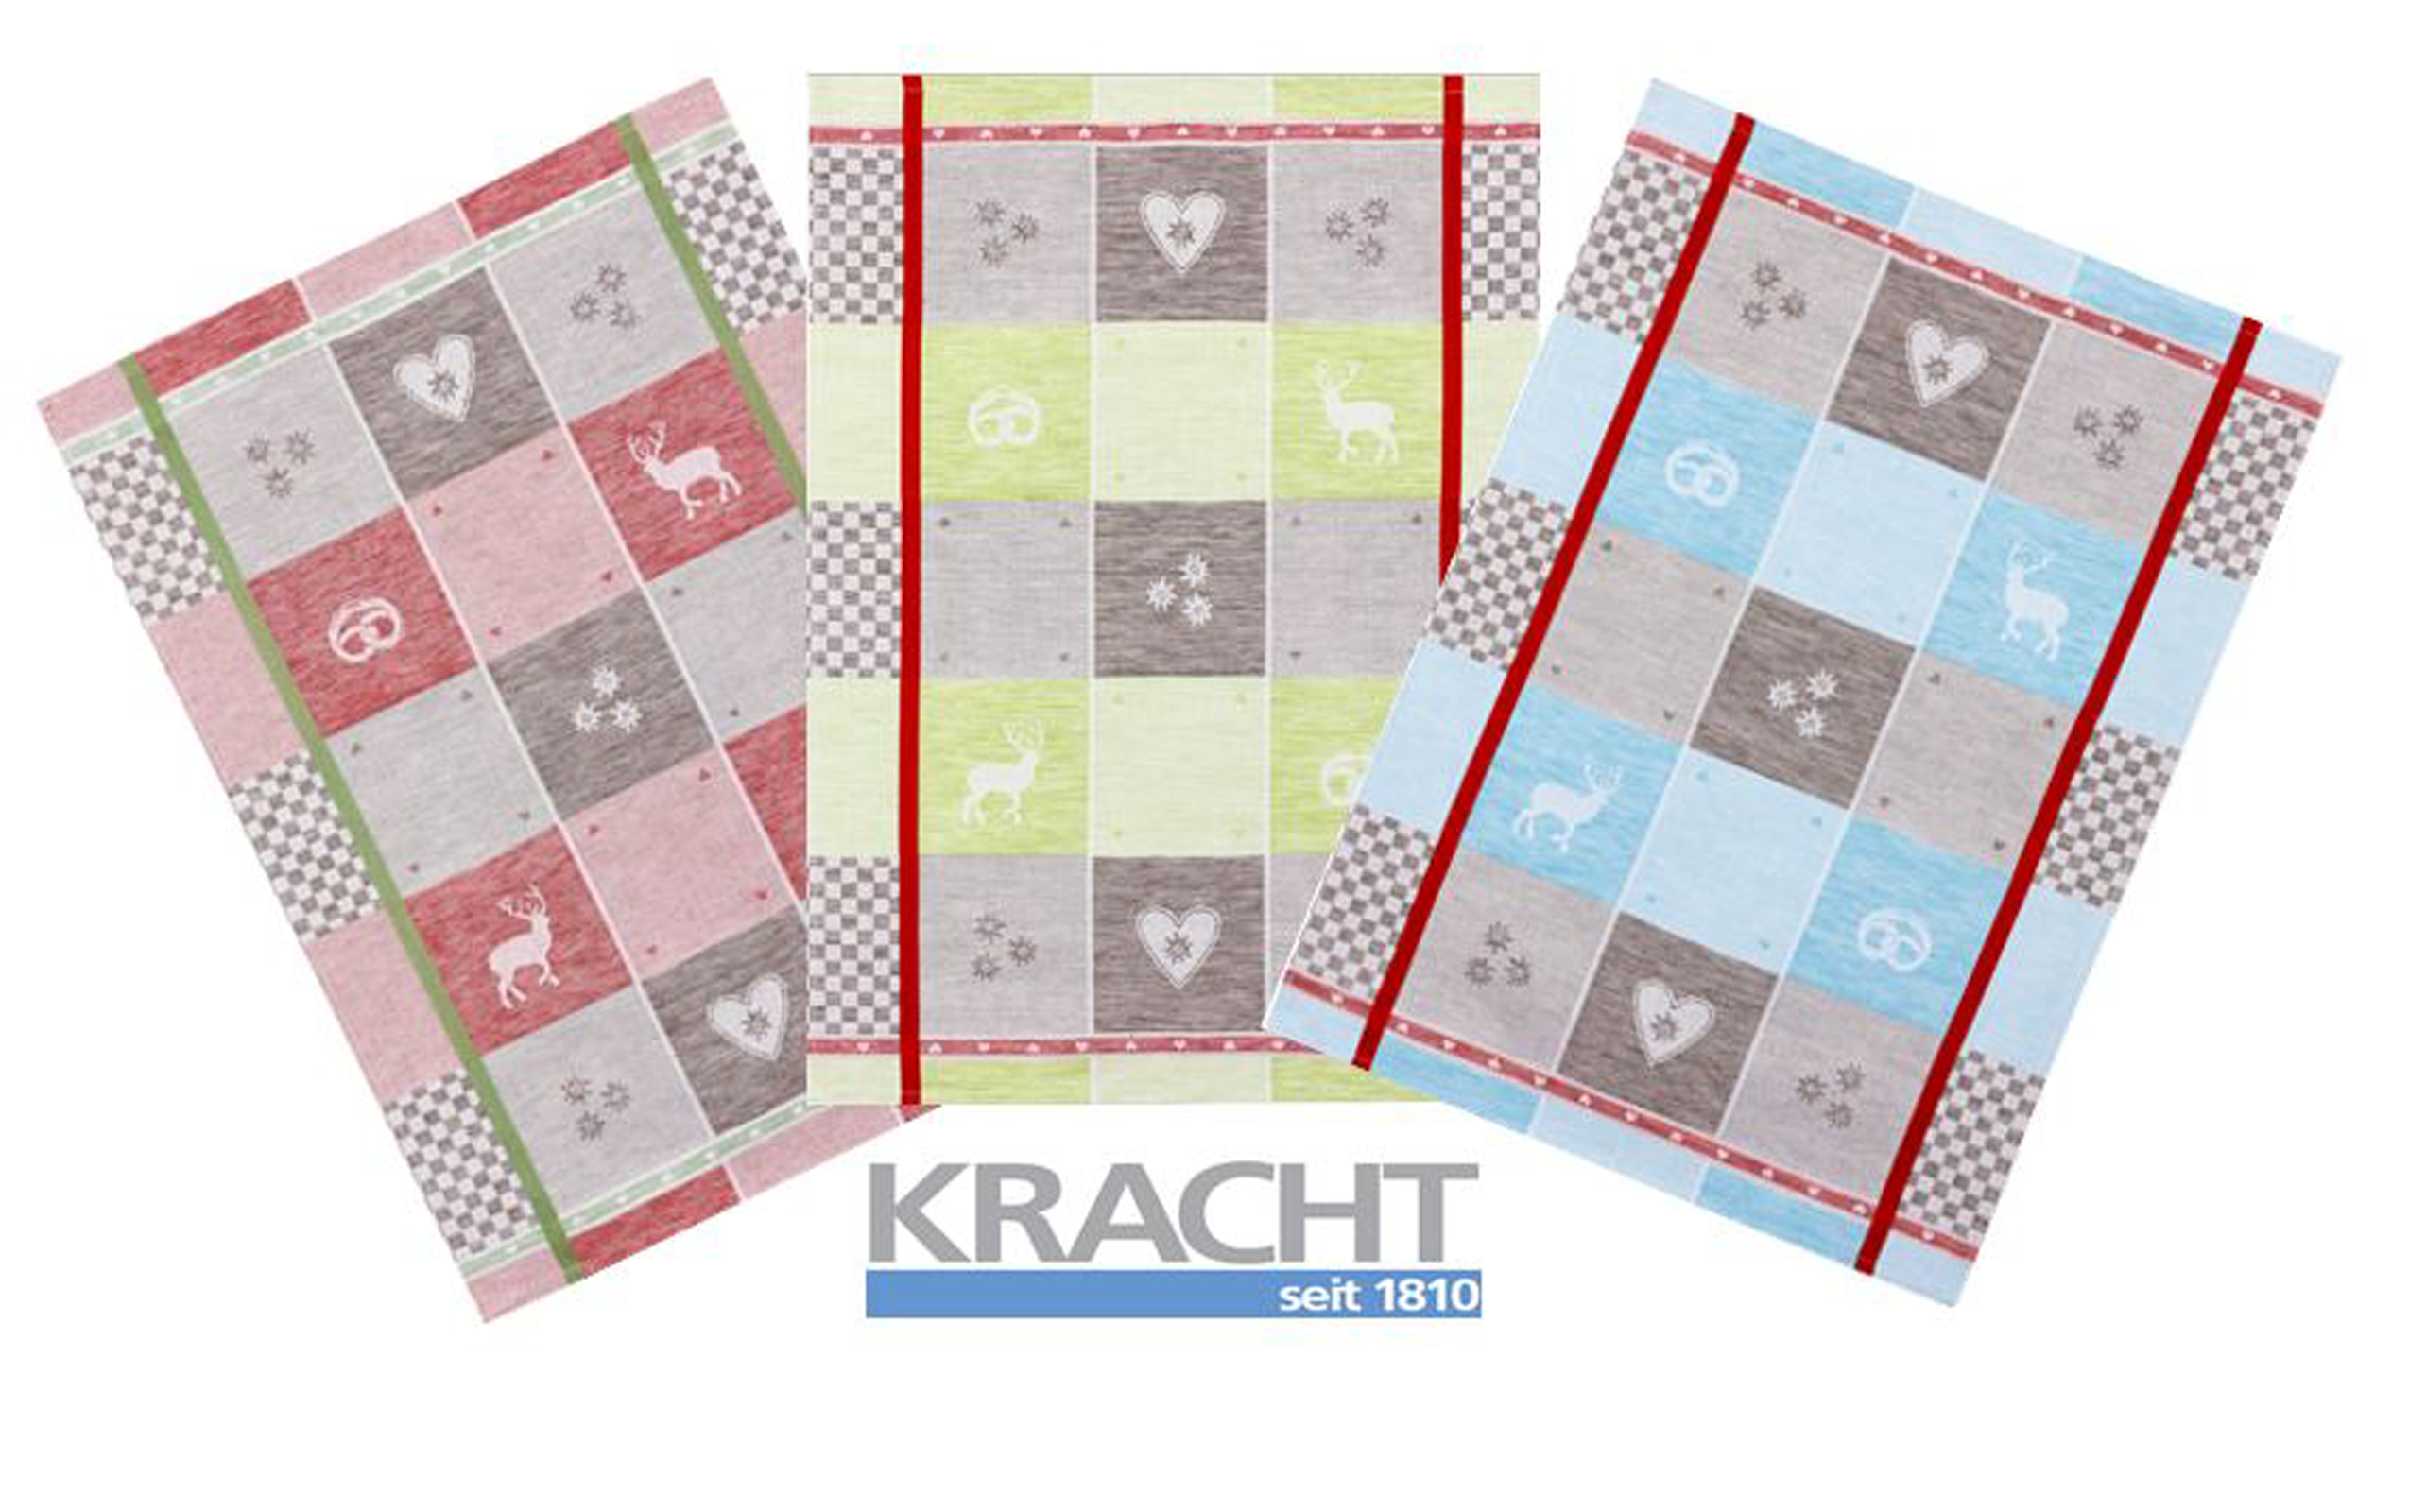 Küchentextilien - 3er Pack Kracht Halbleinen Geschirrtuch 50x70 farblich sortiert 2 250 60 Oktoberfest  - Onlineshop PremiumShop321